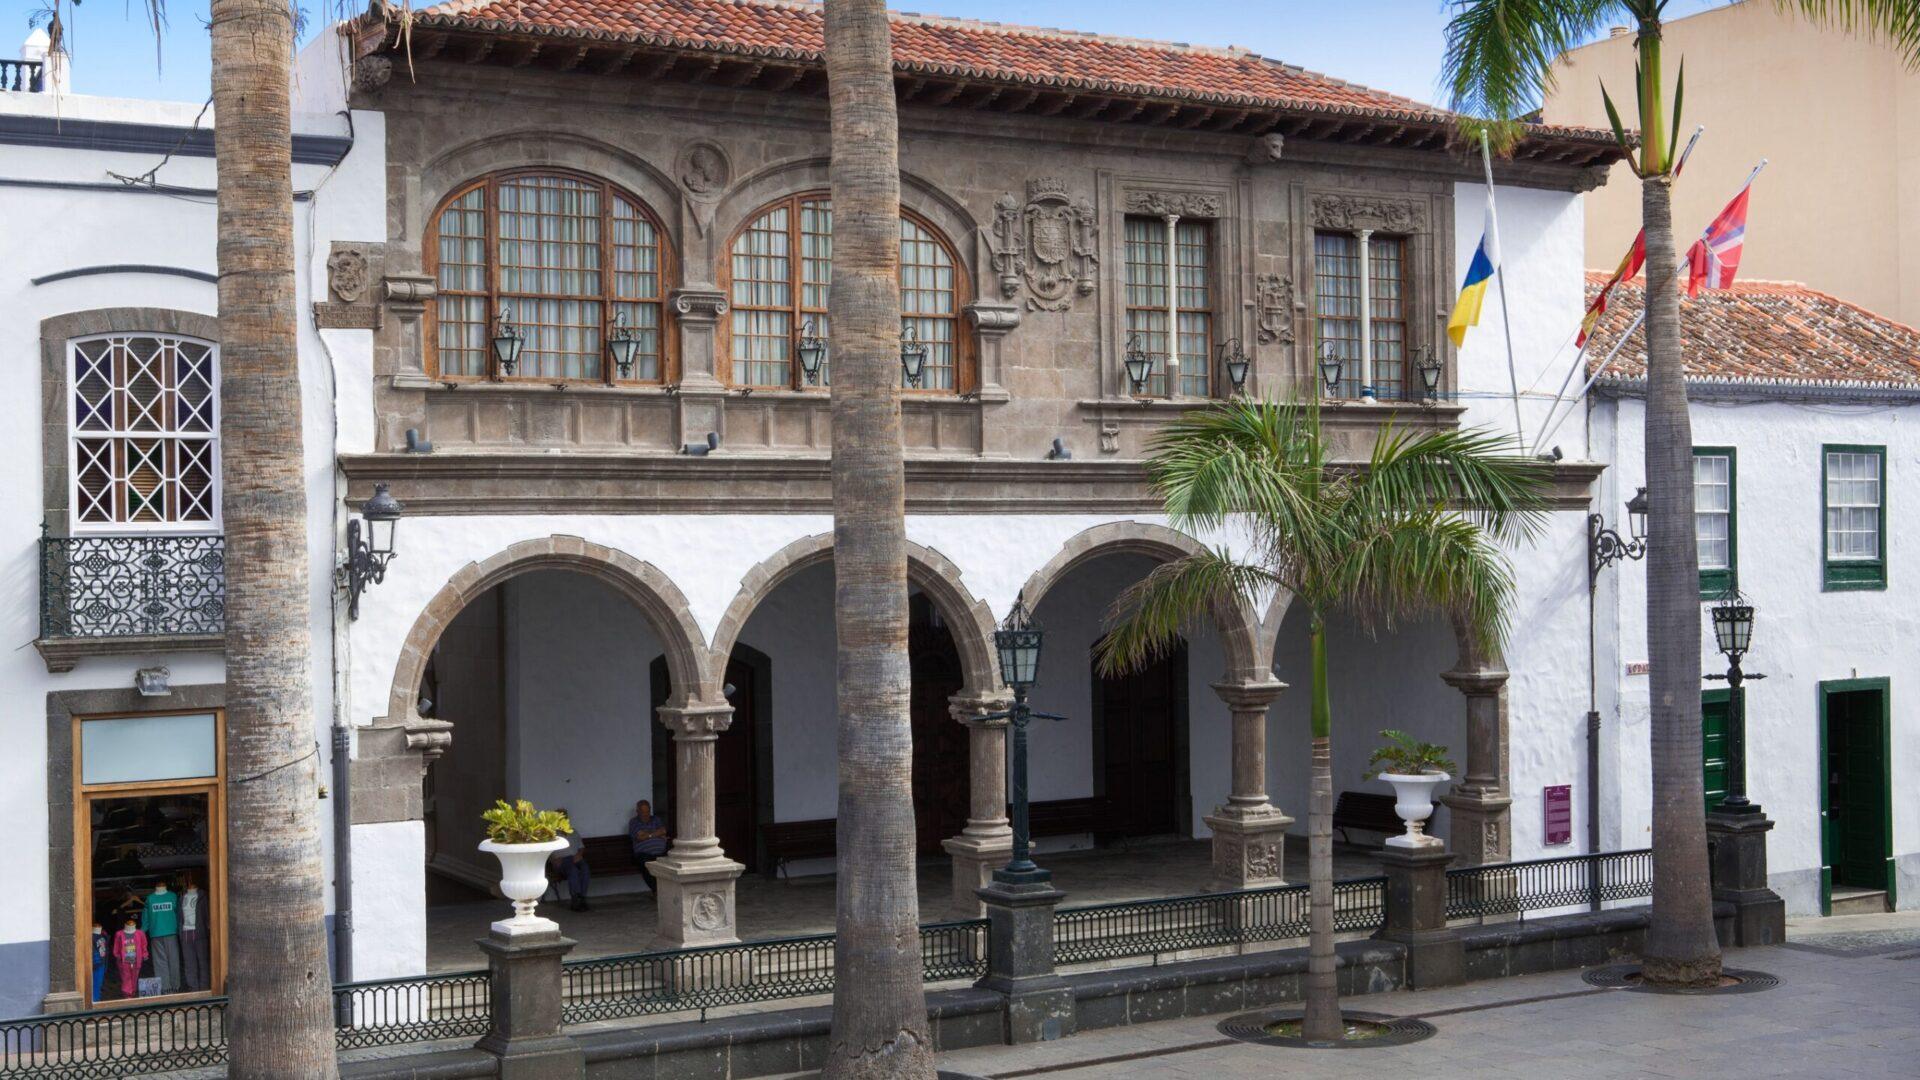 LaPalma_AyuntamientoSantaCruz-de-LaPalma_DamianMartinBrito